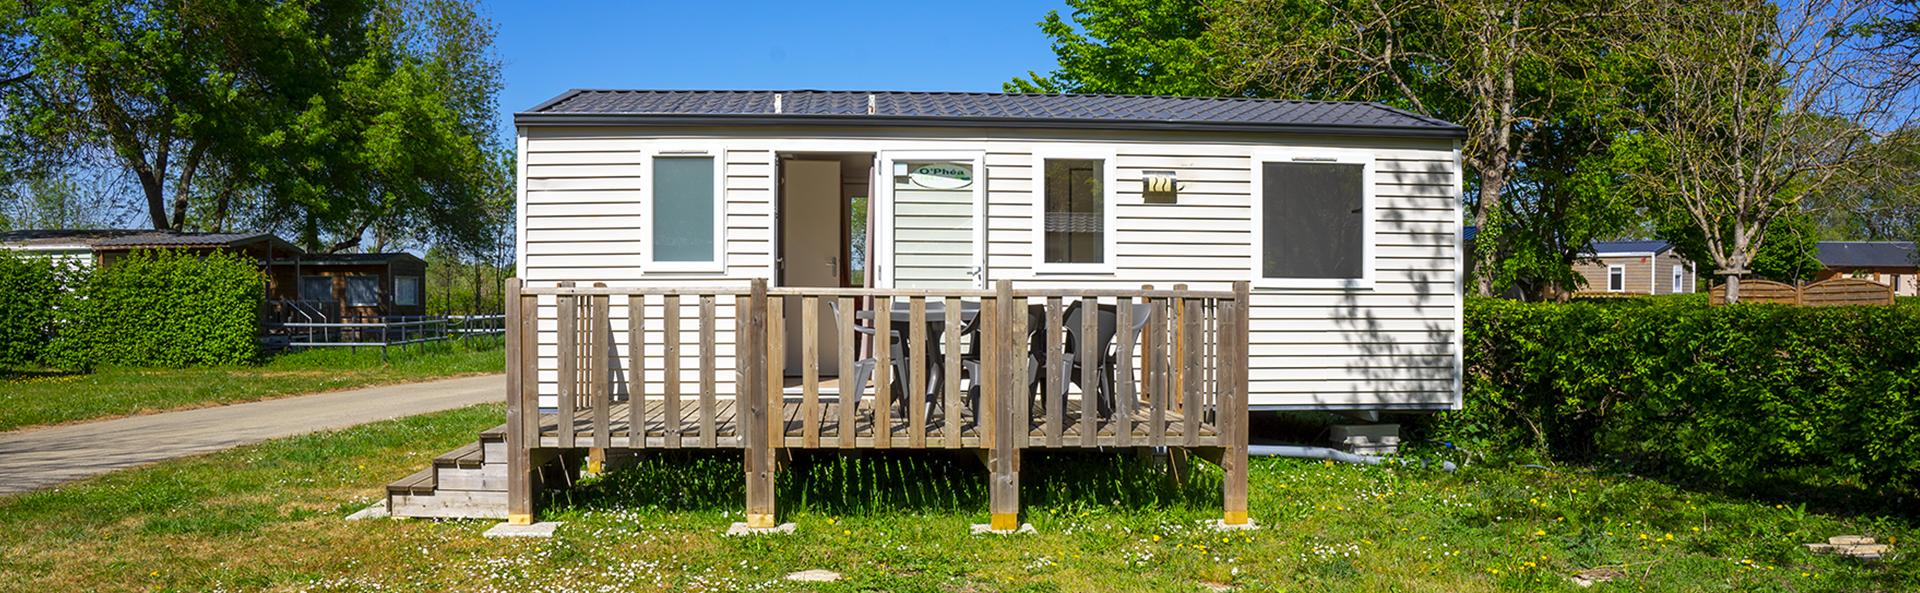 Rustin : mobil-home 6 personnes en location au Camping Le Vieux Moulin